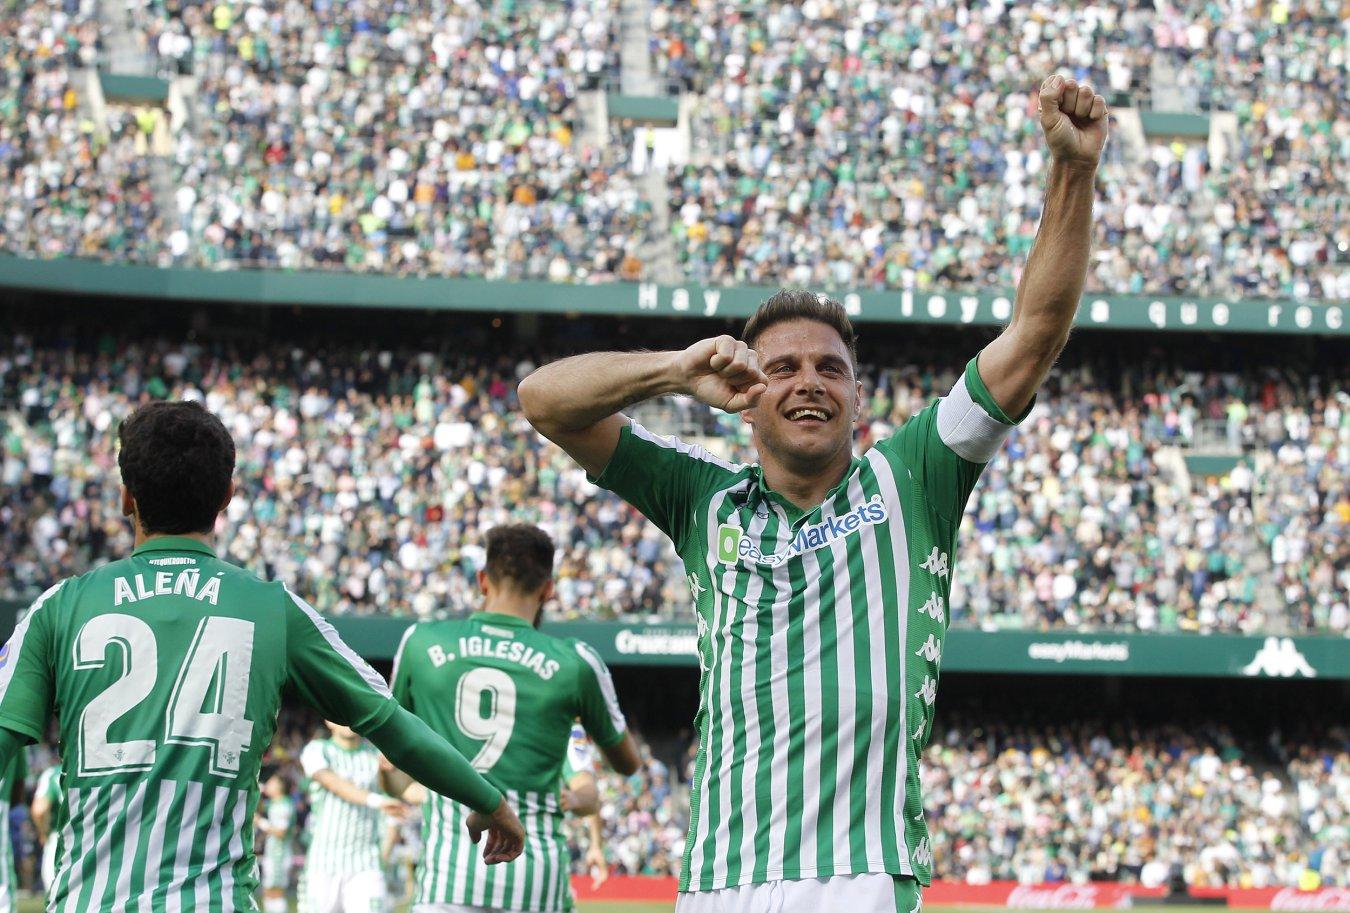 Alegría de Joaquín con el Betis